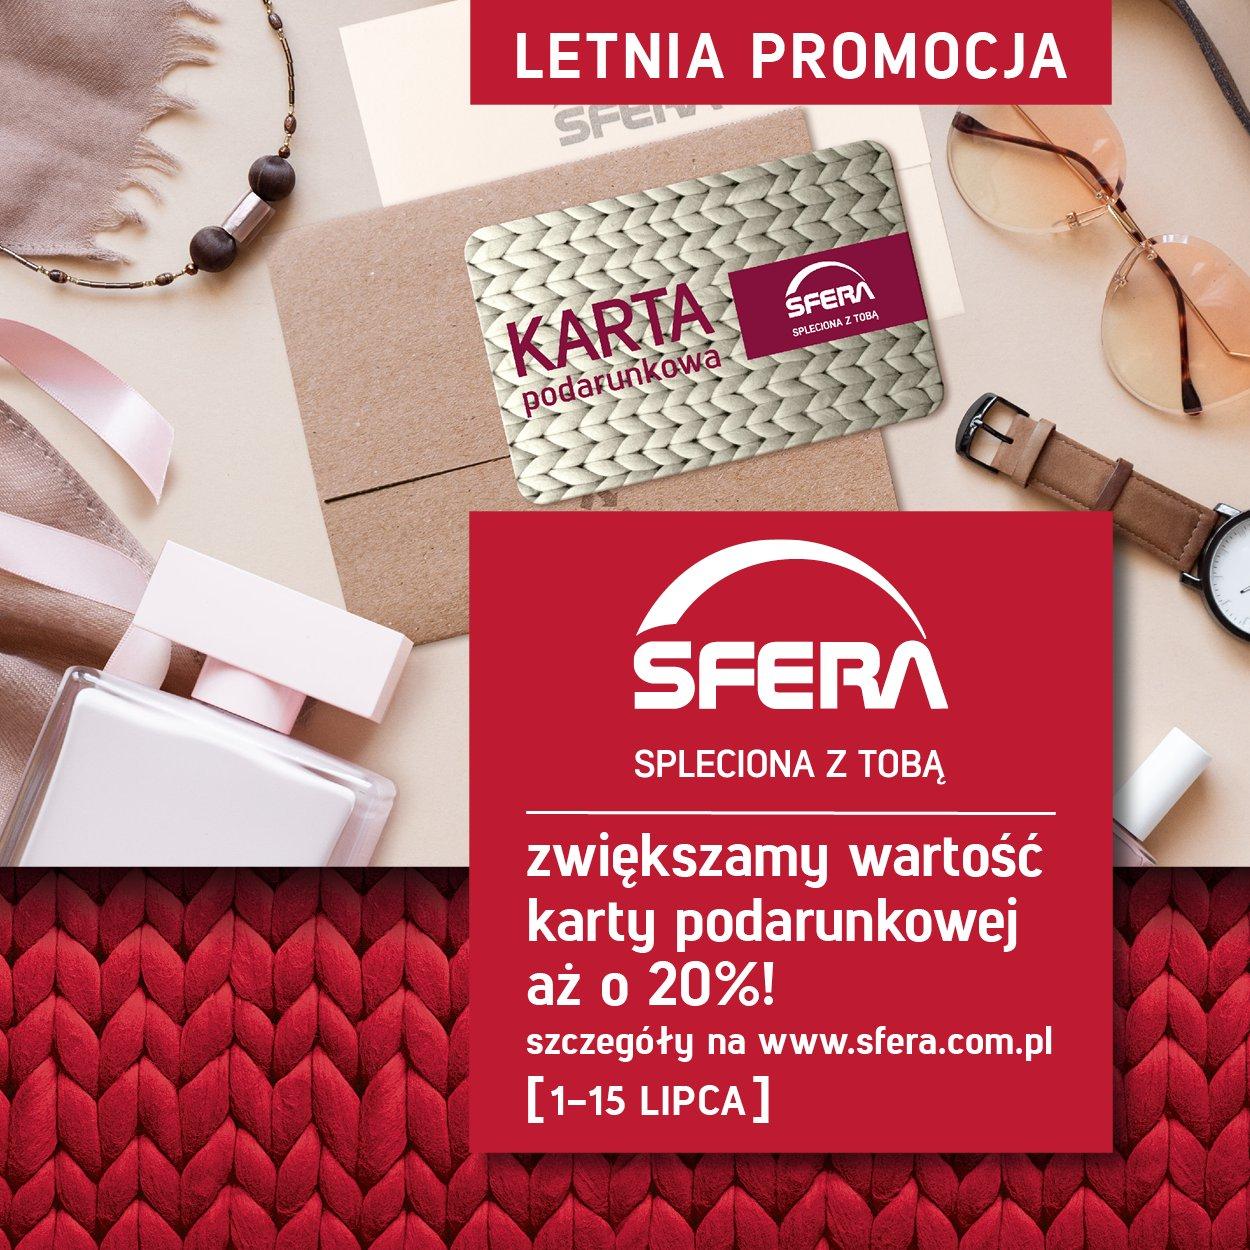 20% ekstra przy zakupie karty podarunkowej Sfera w Bielsku-Białej